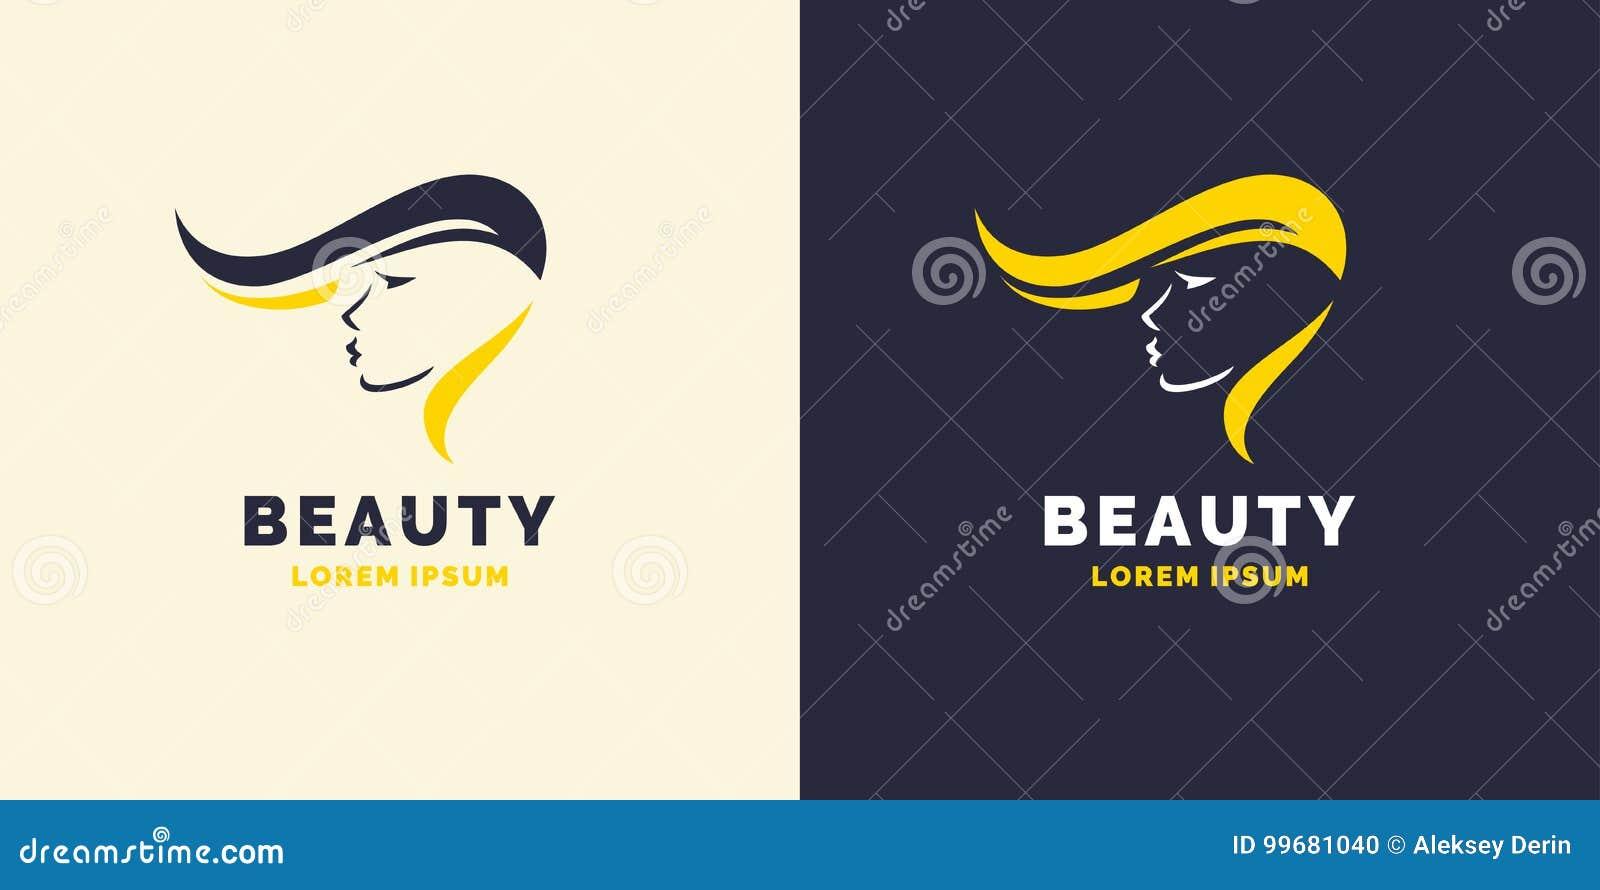 Επισκευή τρίχας και φωτεινό λογότυπο για το κατάστημα κουρέων Σκιαγραφία ενός κοριτσιού για ένα σαλόνι ομορφιάς